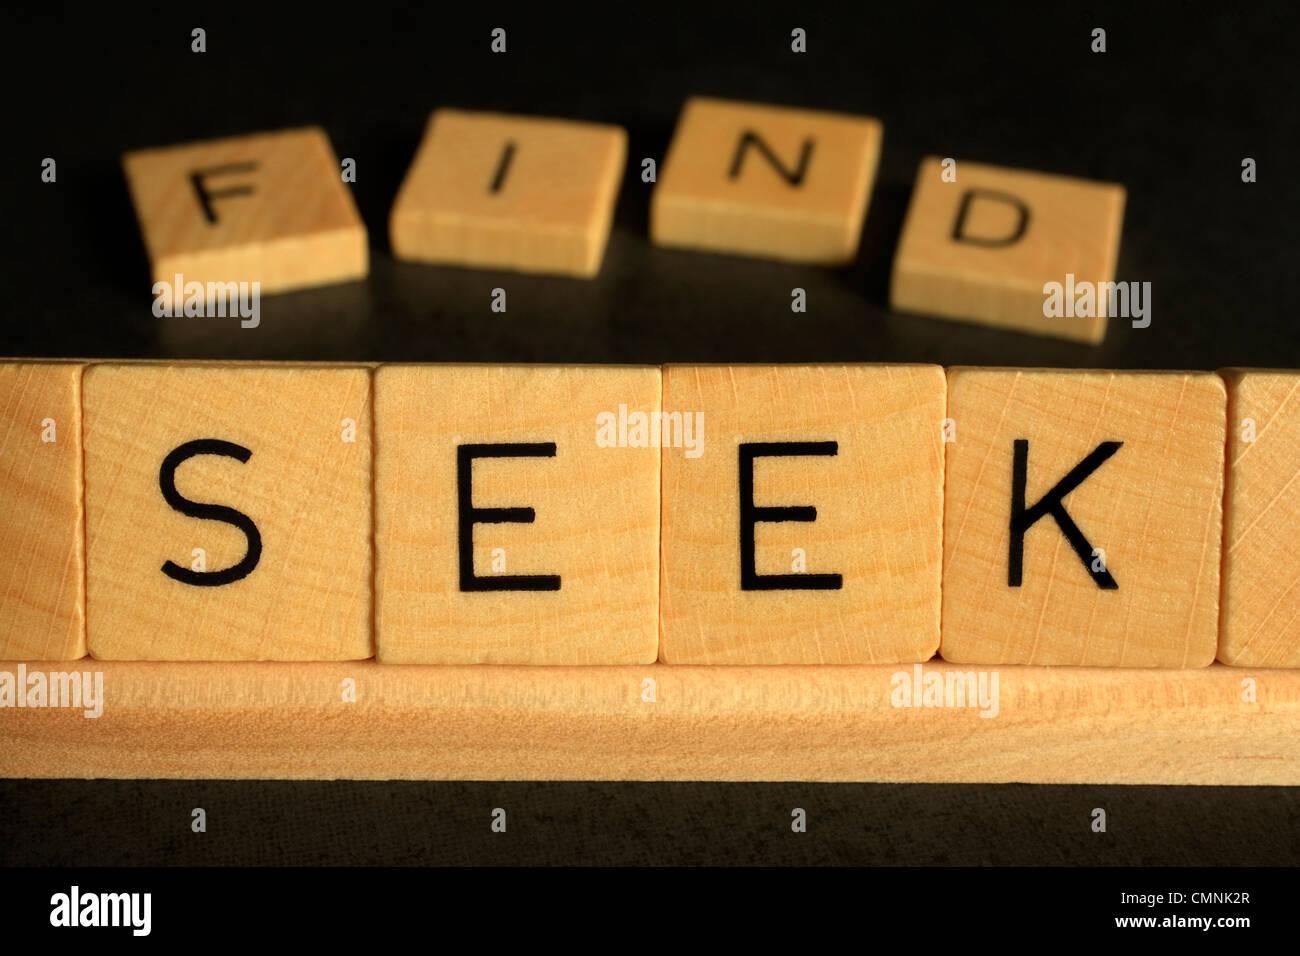 Buscar y encontrar las palabras enunciadas en el Scrabble, conceptos de búsqueda, espiritualidad, perdidos Imagen De Stock